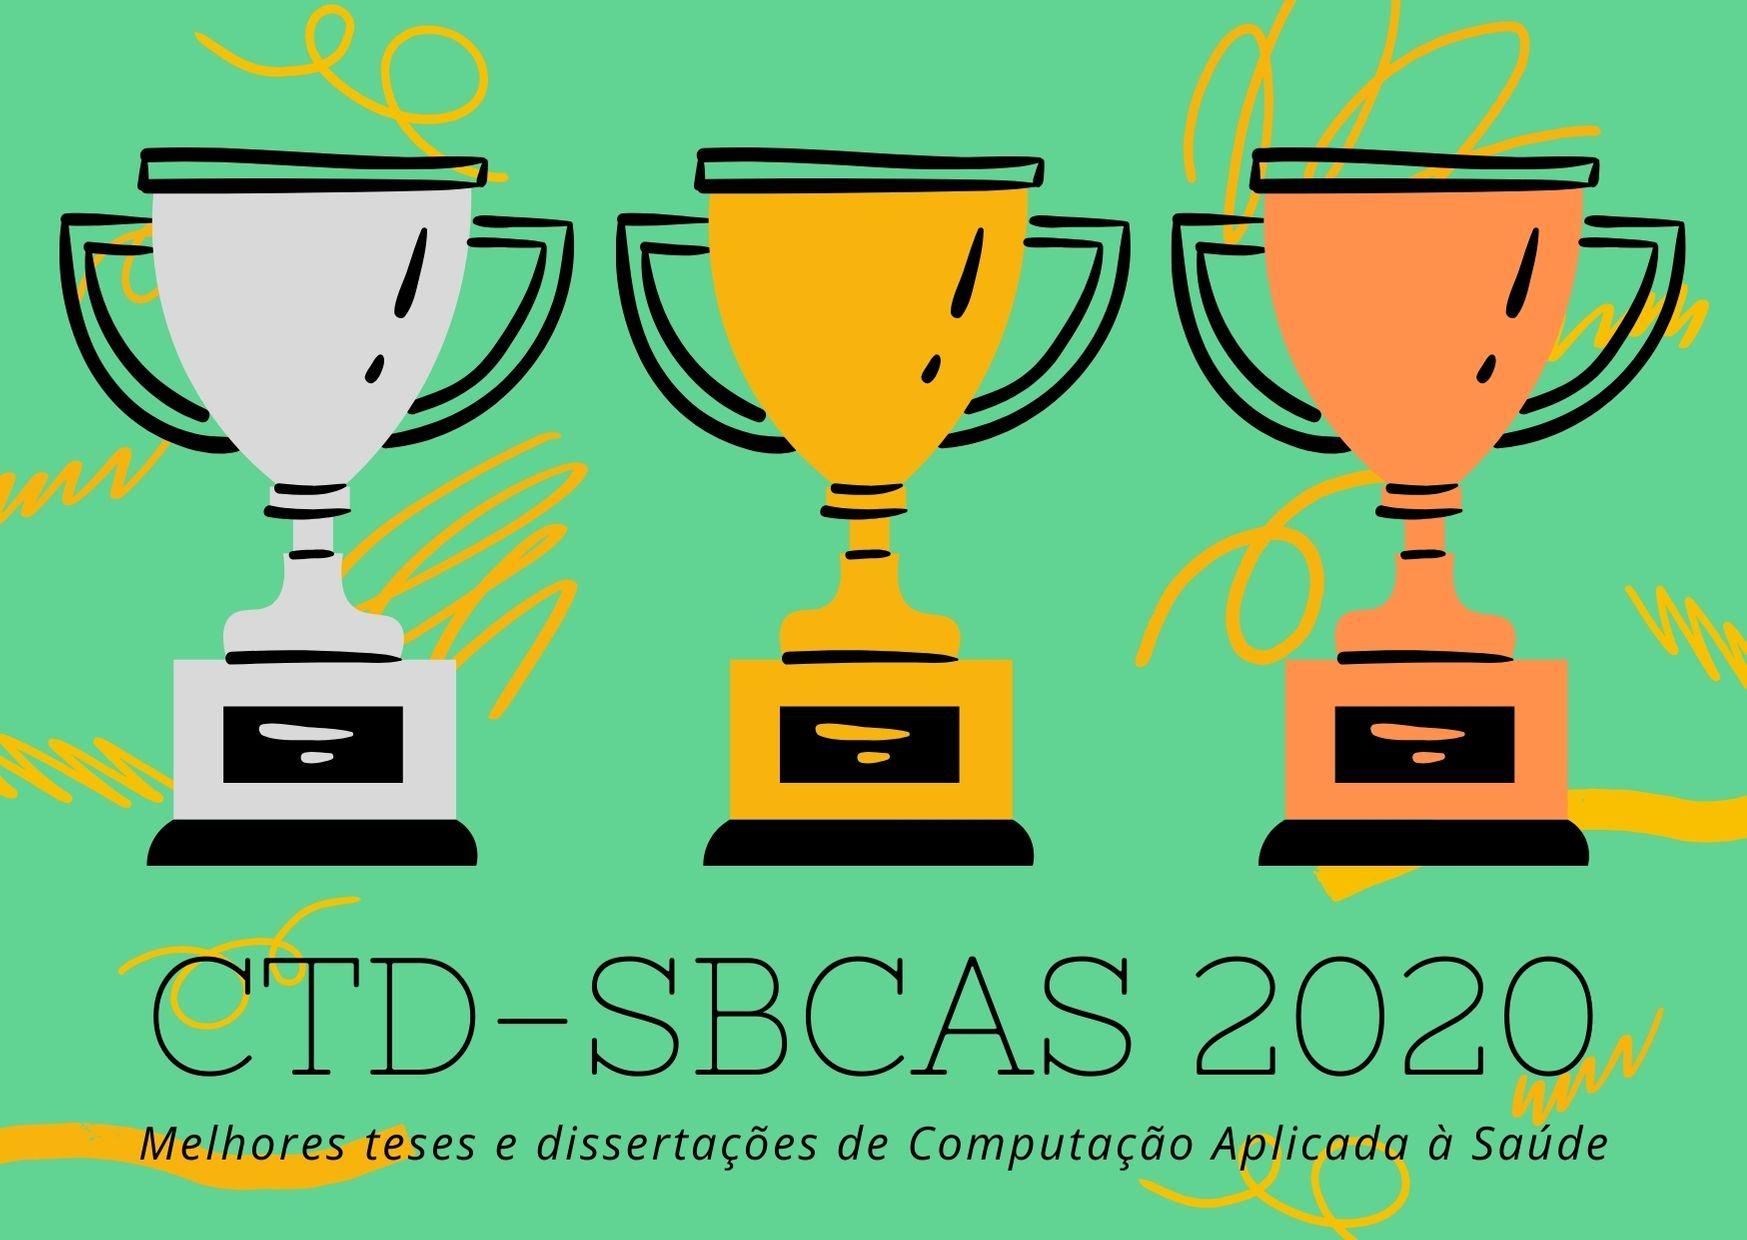 Computação Aplicada à Saúde: as melhores teses e dissertações do CTD-SBCAS 2020